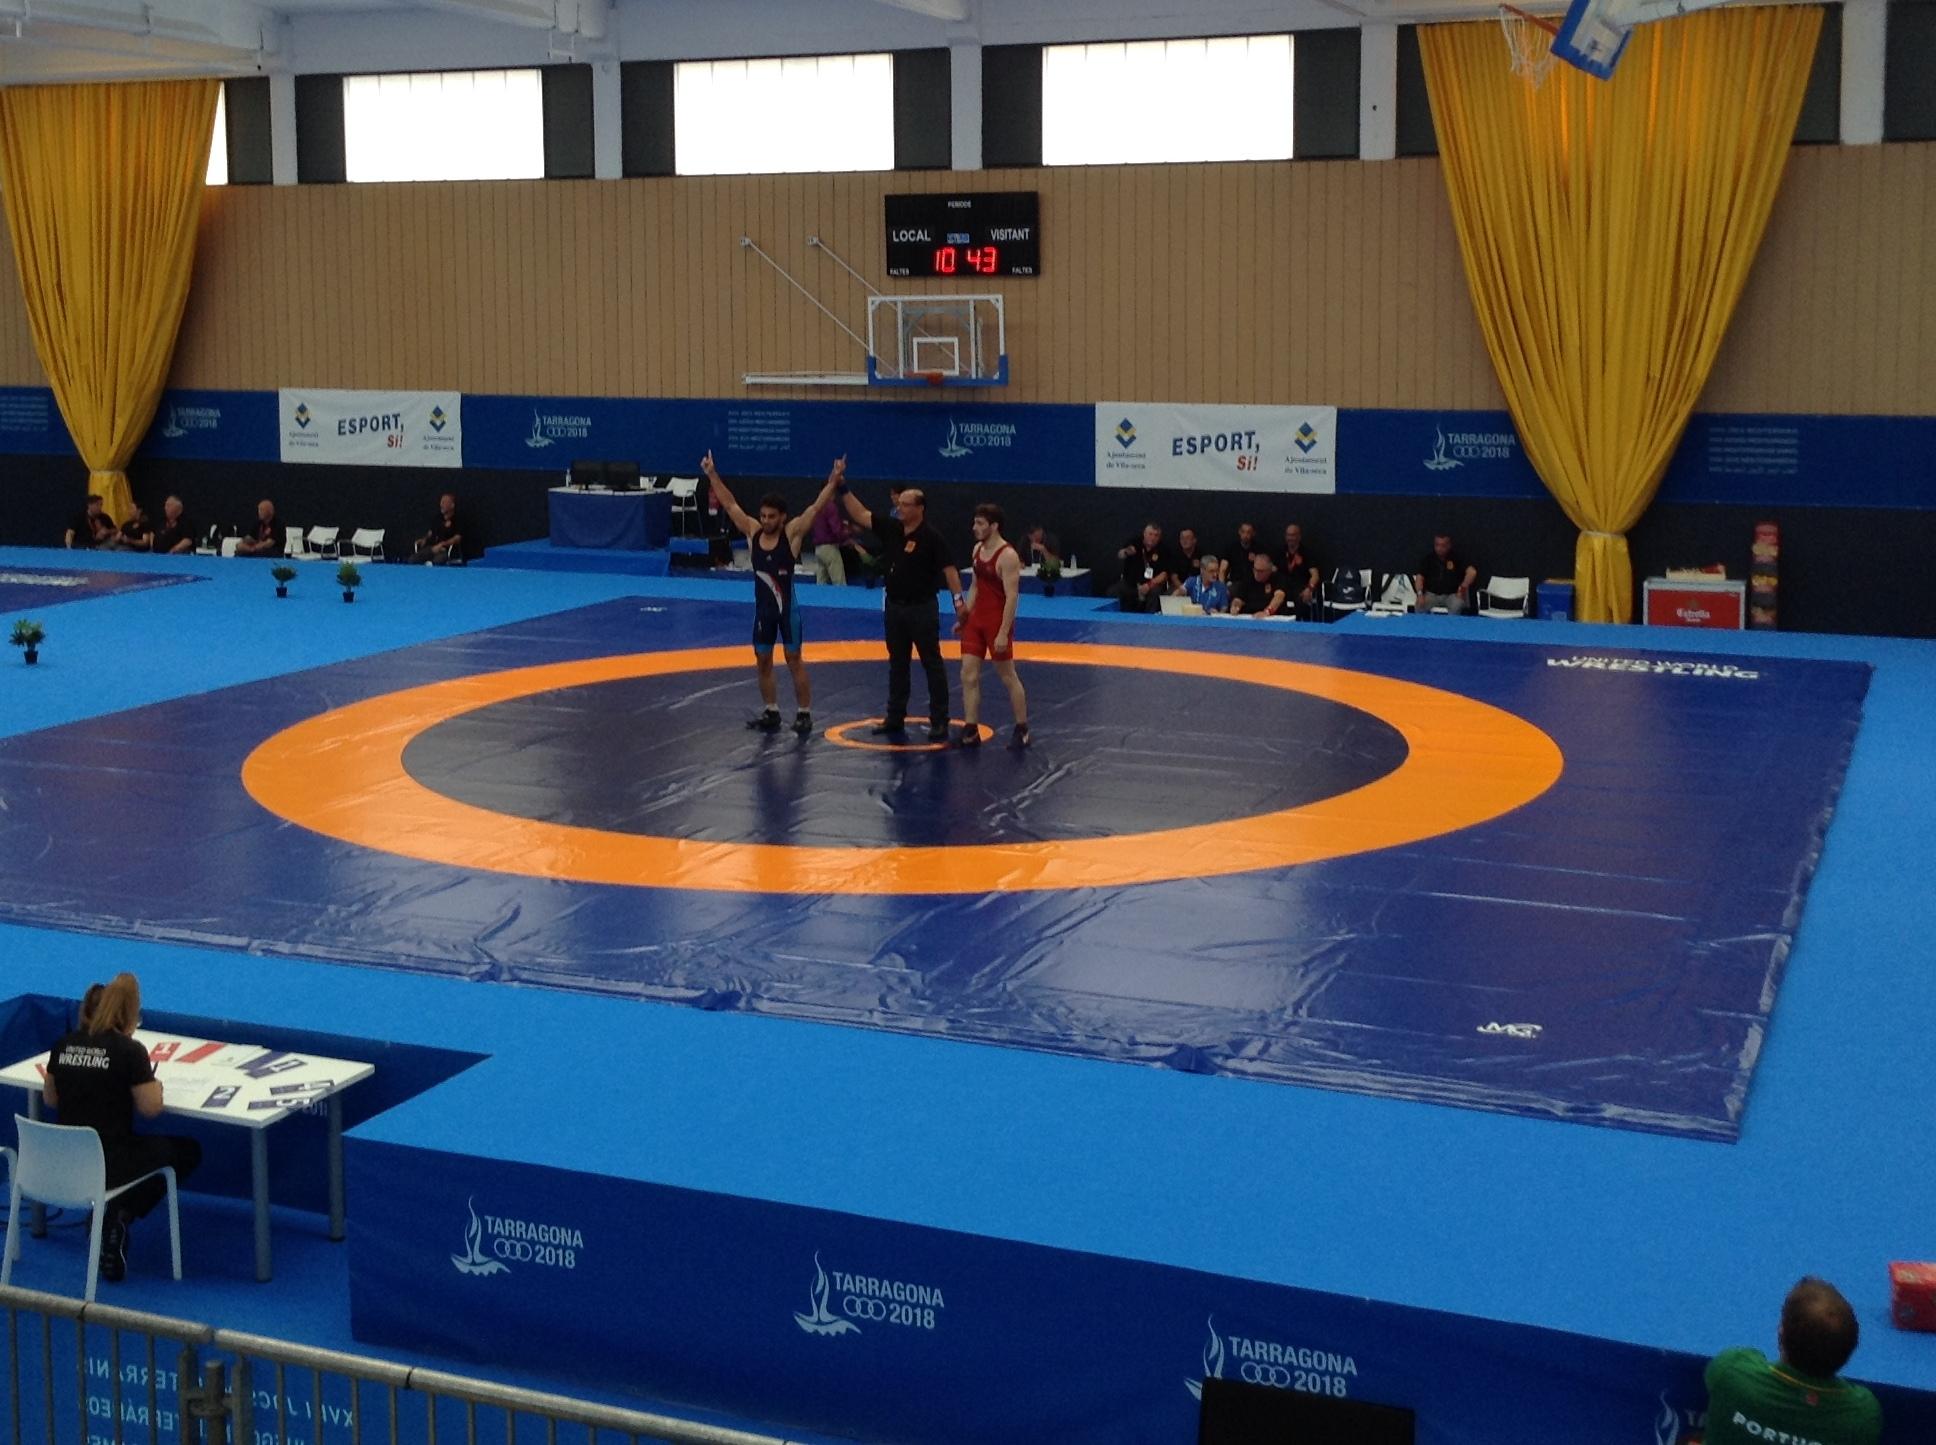 تاراغونا 2018.. نزالات الملاكمة تبدأ غداً والمصارعة الرومانية تنافس على البرونزية